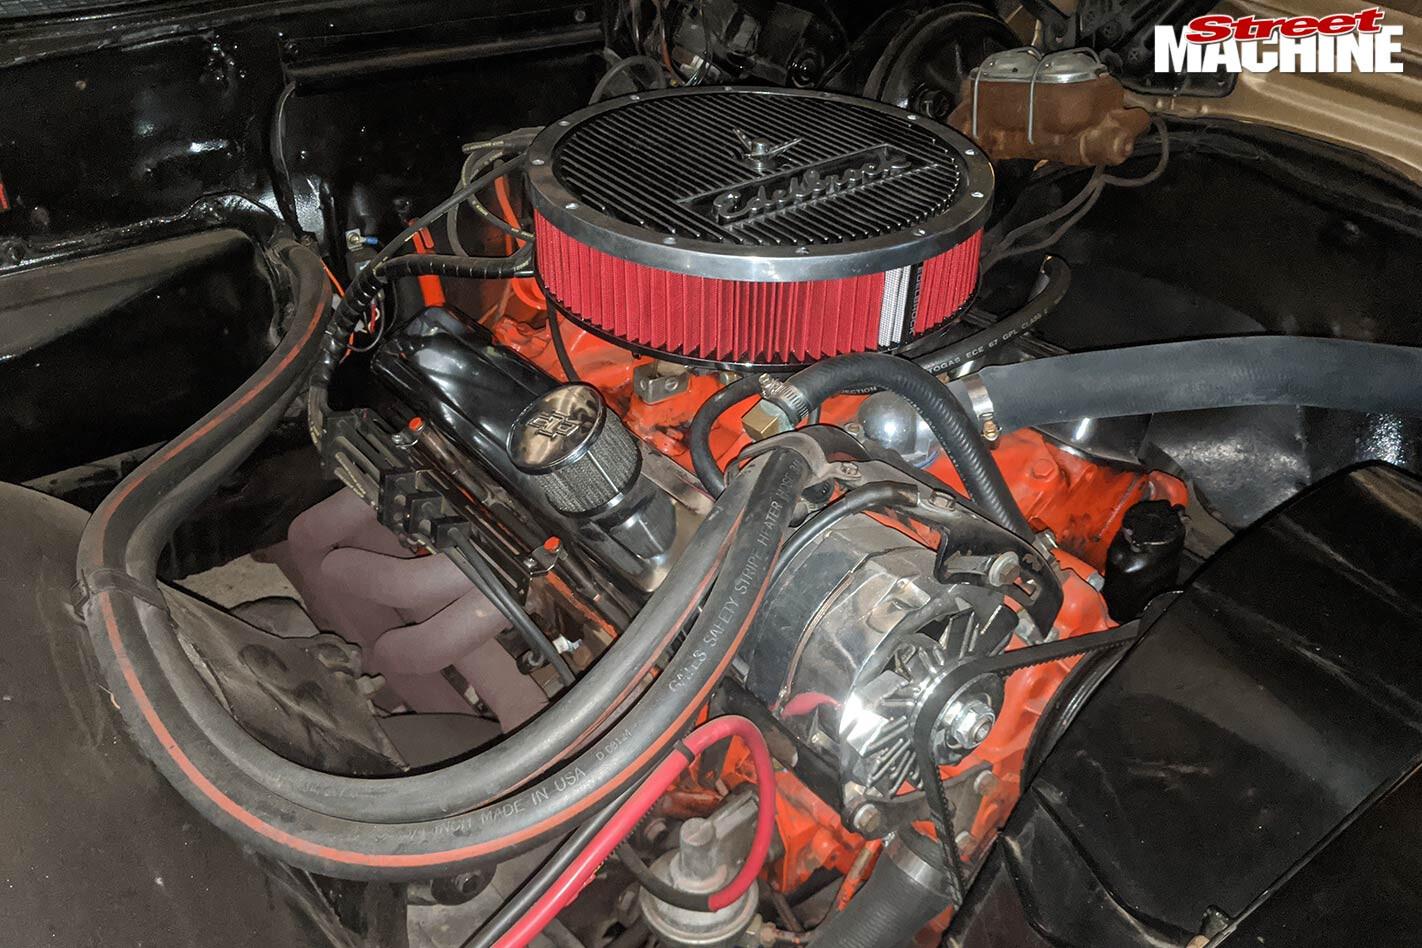 Chev El Camino engine bay